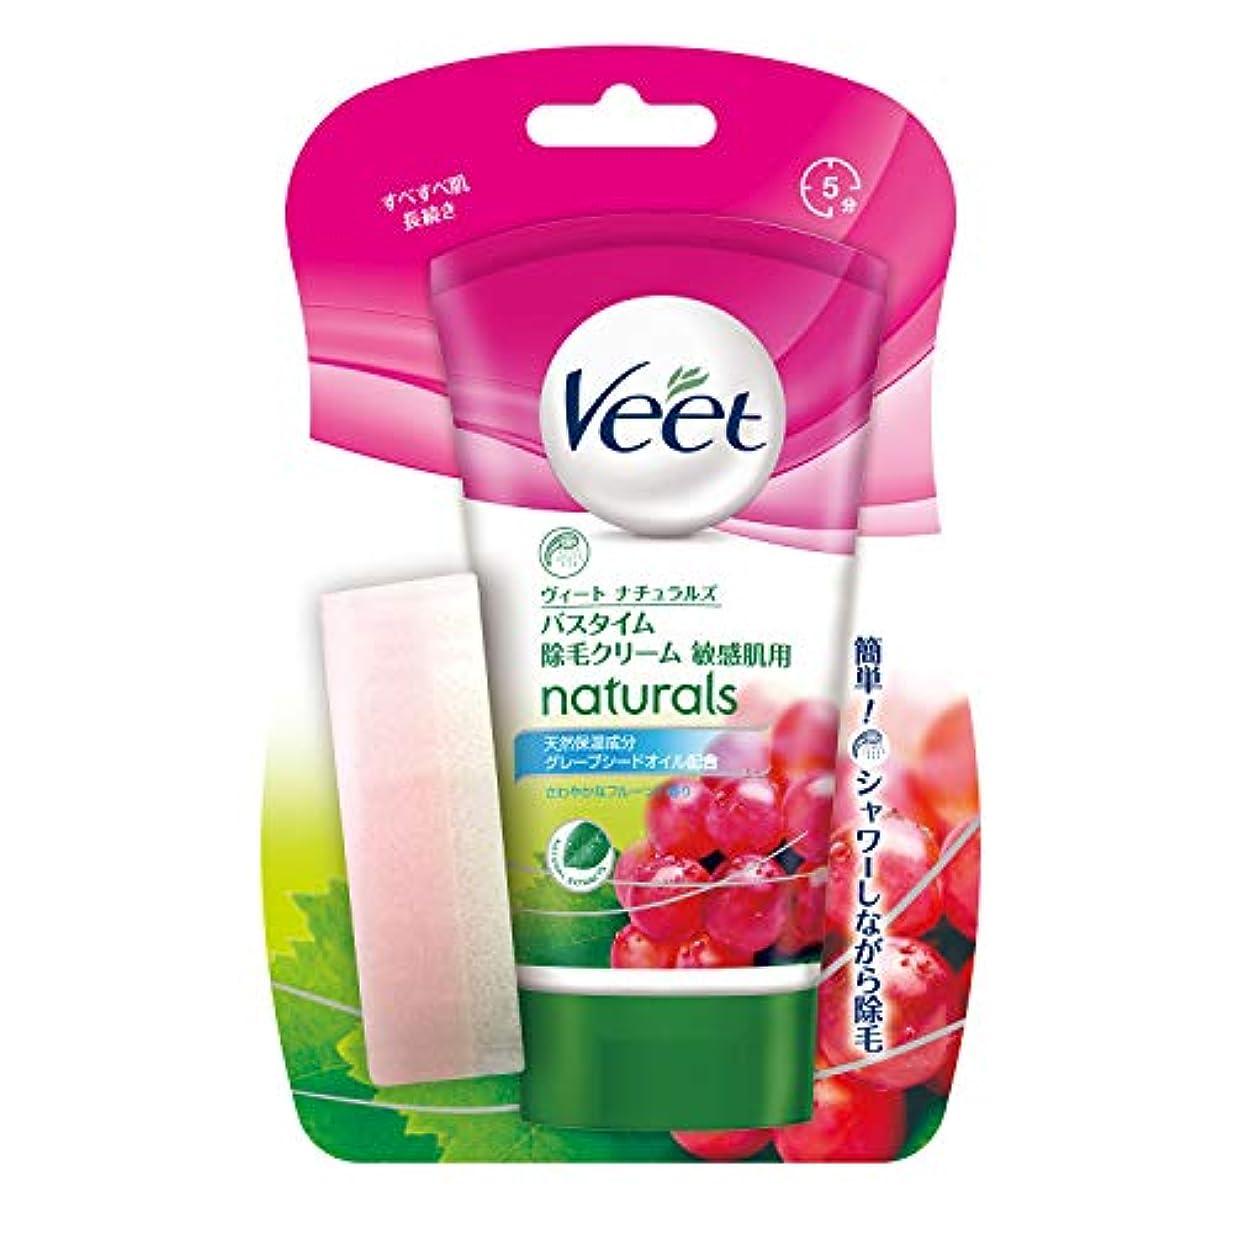 哀透明に六月ヴィート バスタイムセン用 除毛クリーム 敏感肌用 150g (Veet Naturals In Shower Hair Removal Cream  Sensitive 150g)